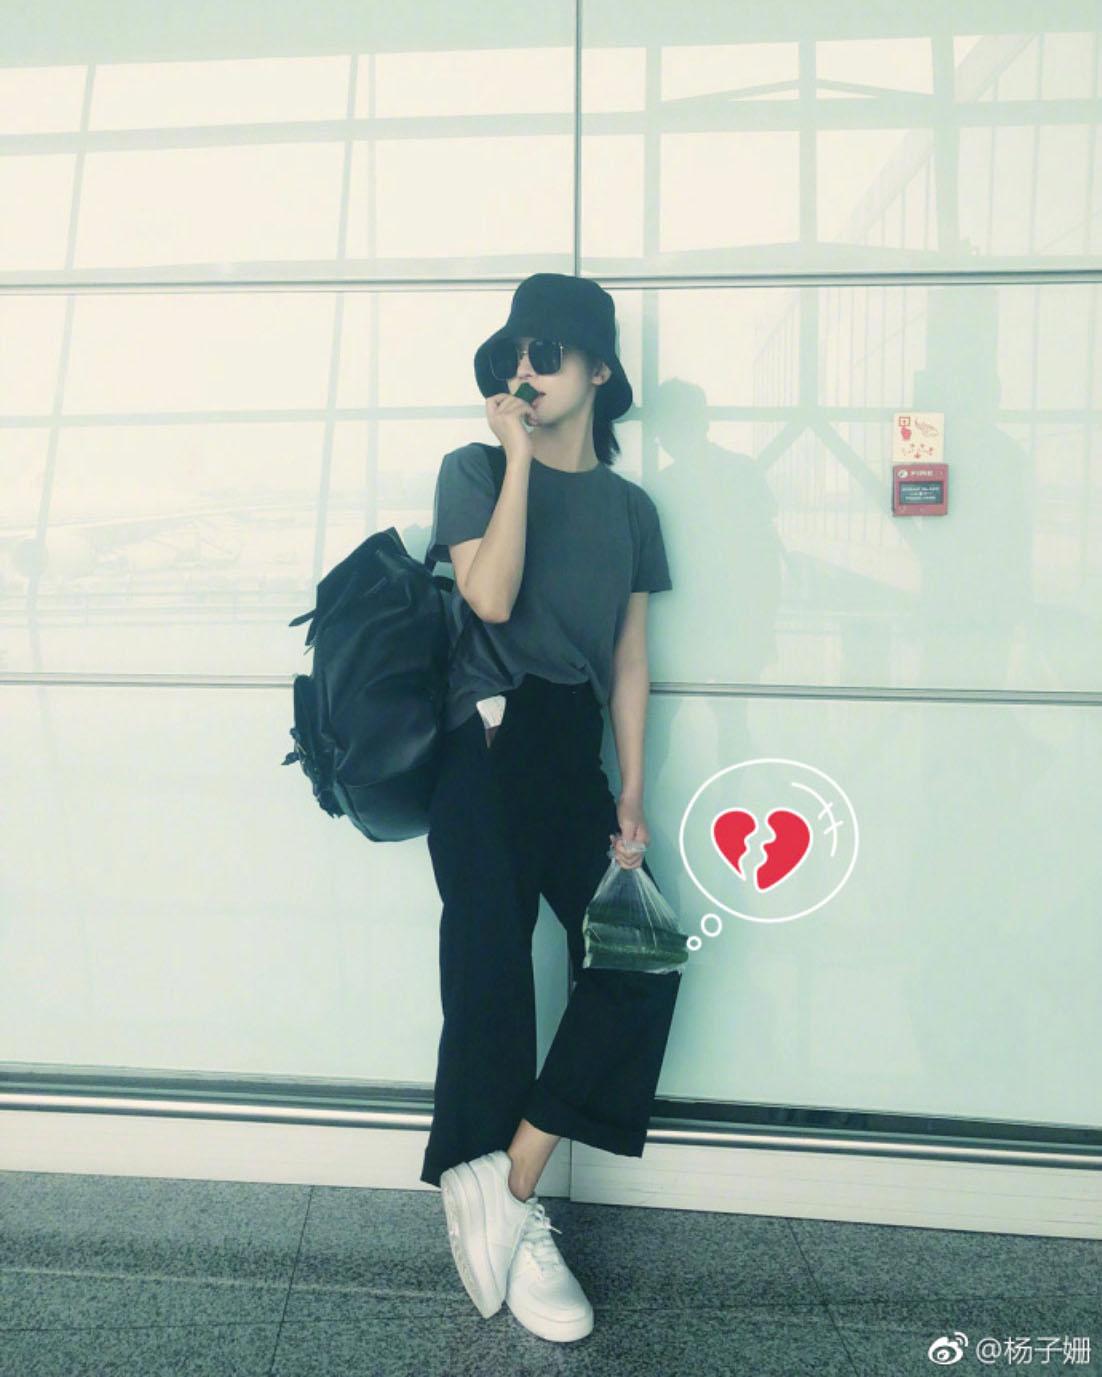 杨子姗拎一袋黄瓜现身机场 粉丝:很瘦别减了